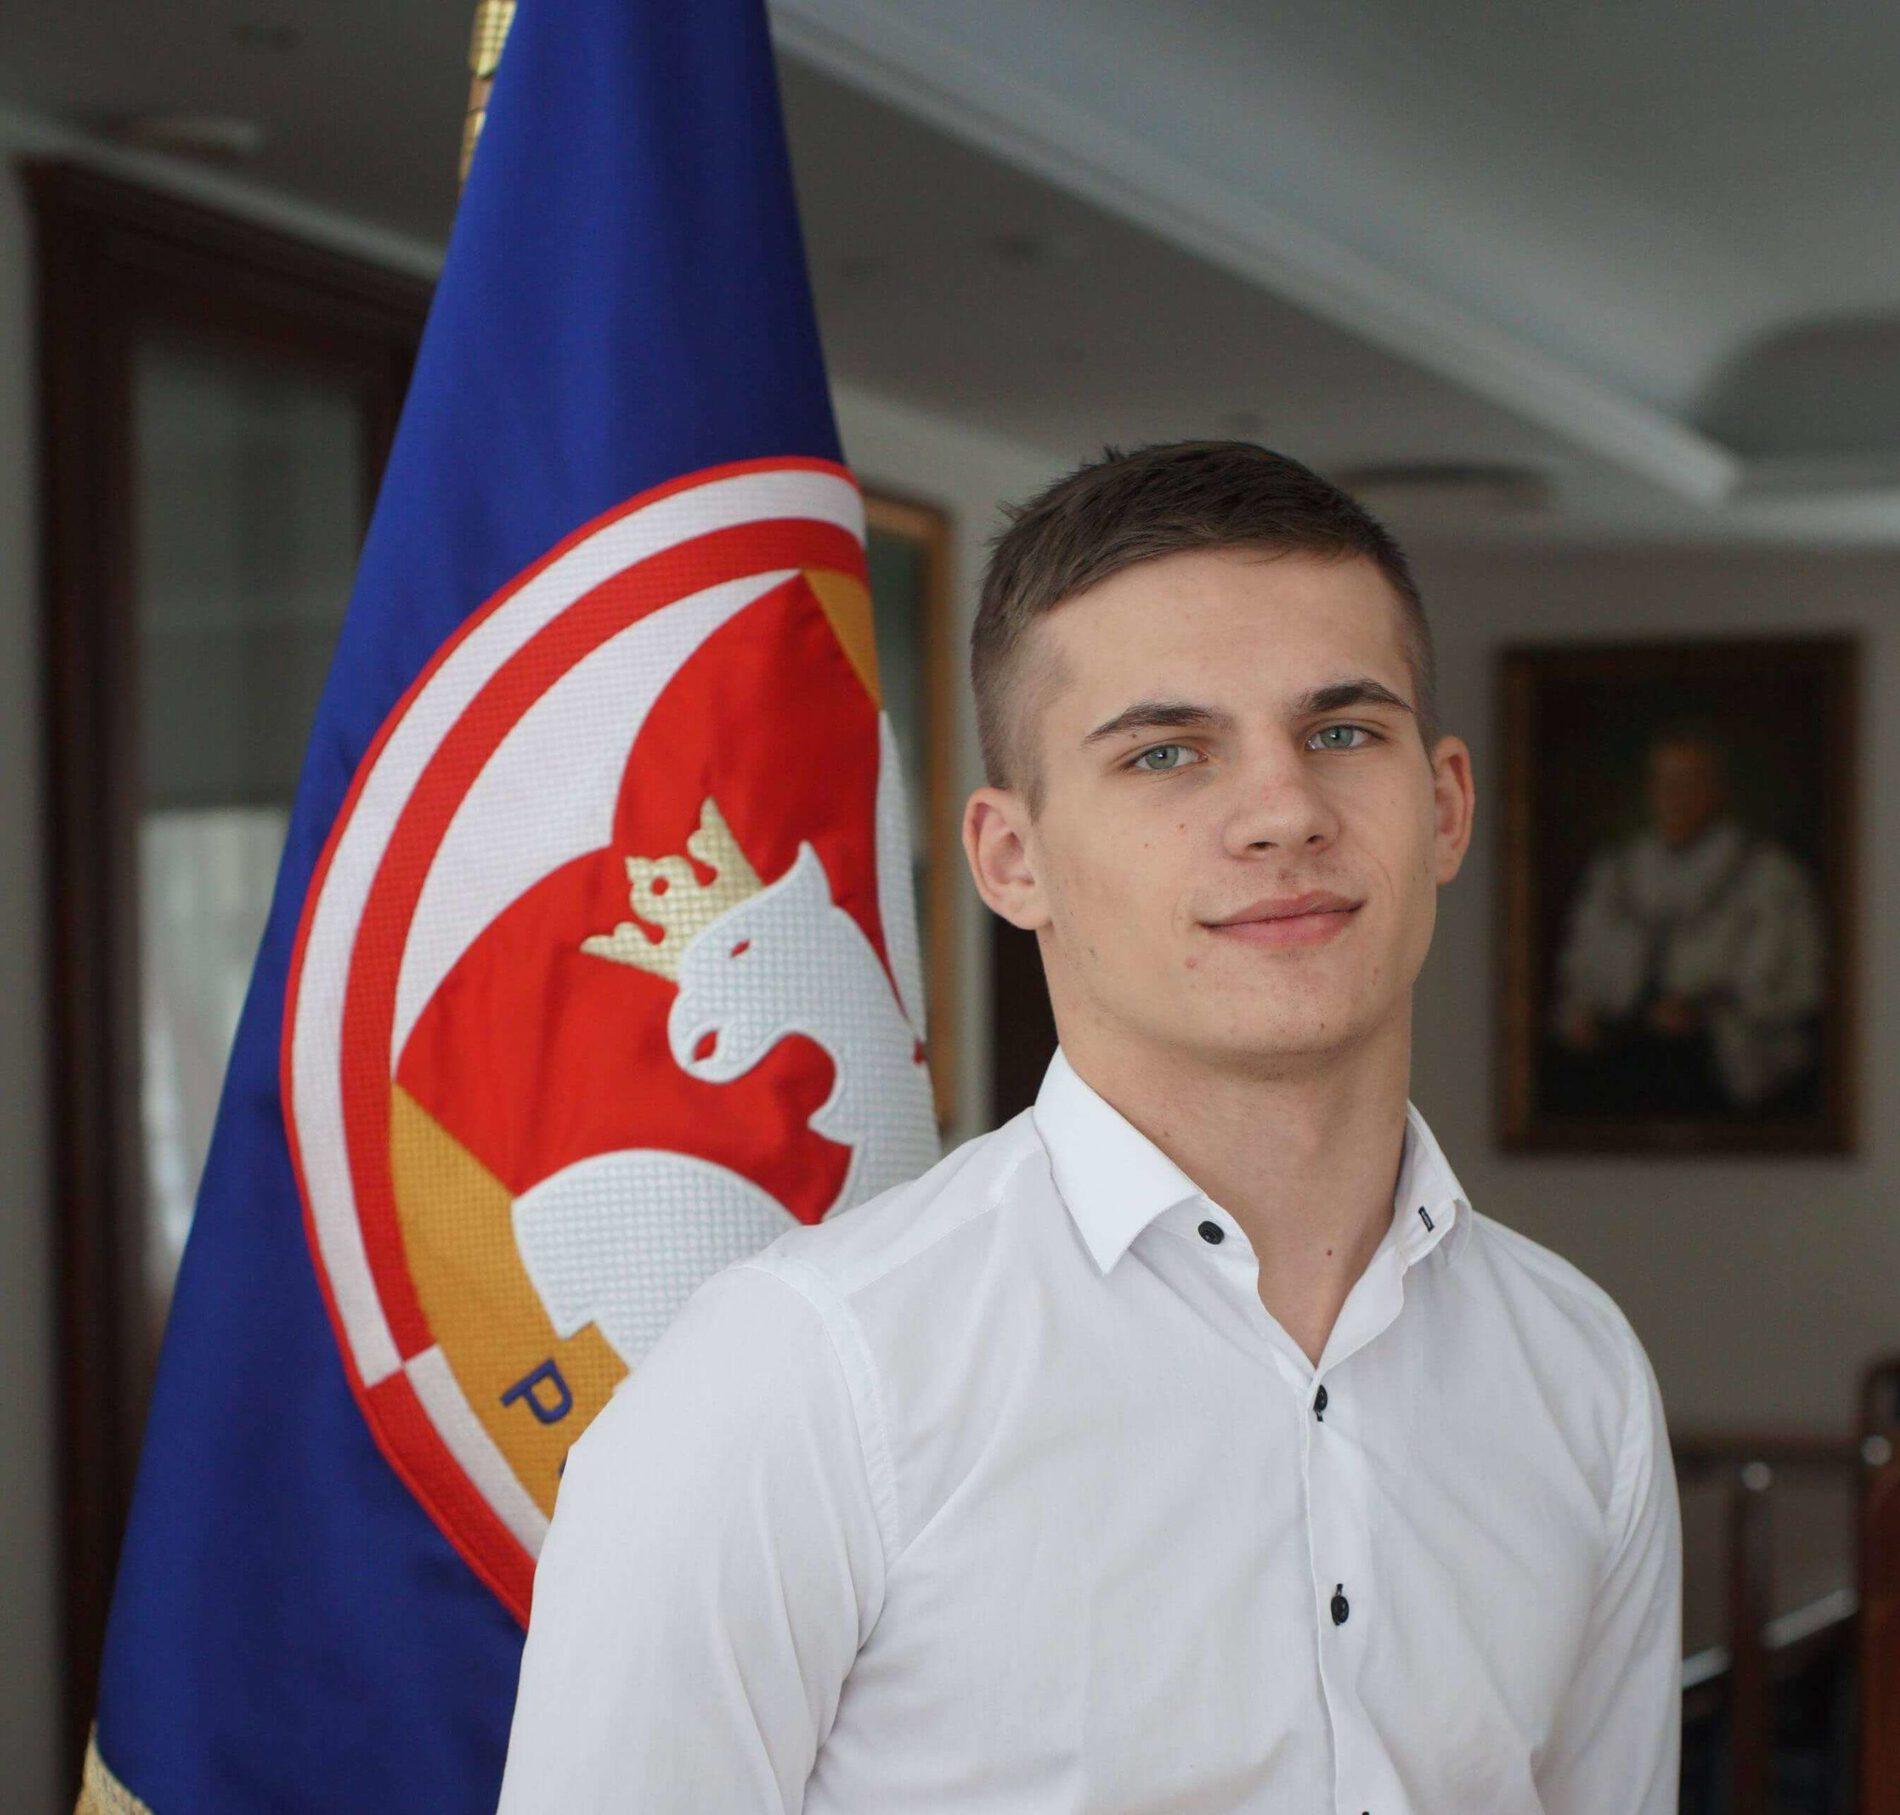 Как стать лучшим иностранным студентом Польши: интервью с Даниилом Фунтовым - UniverPL